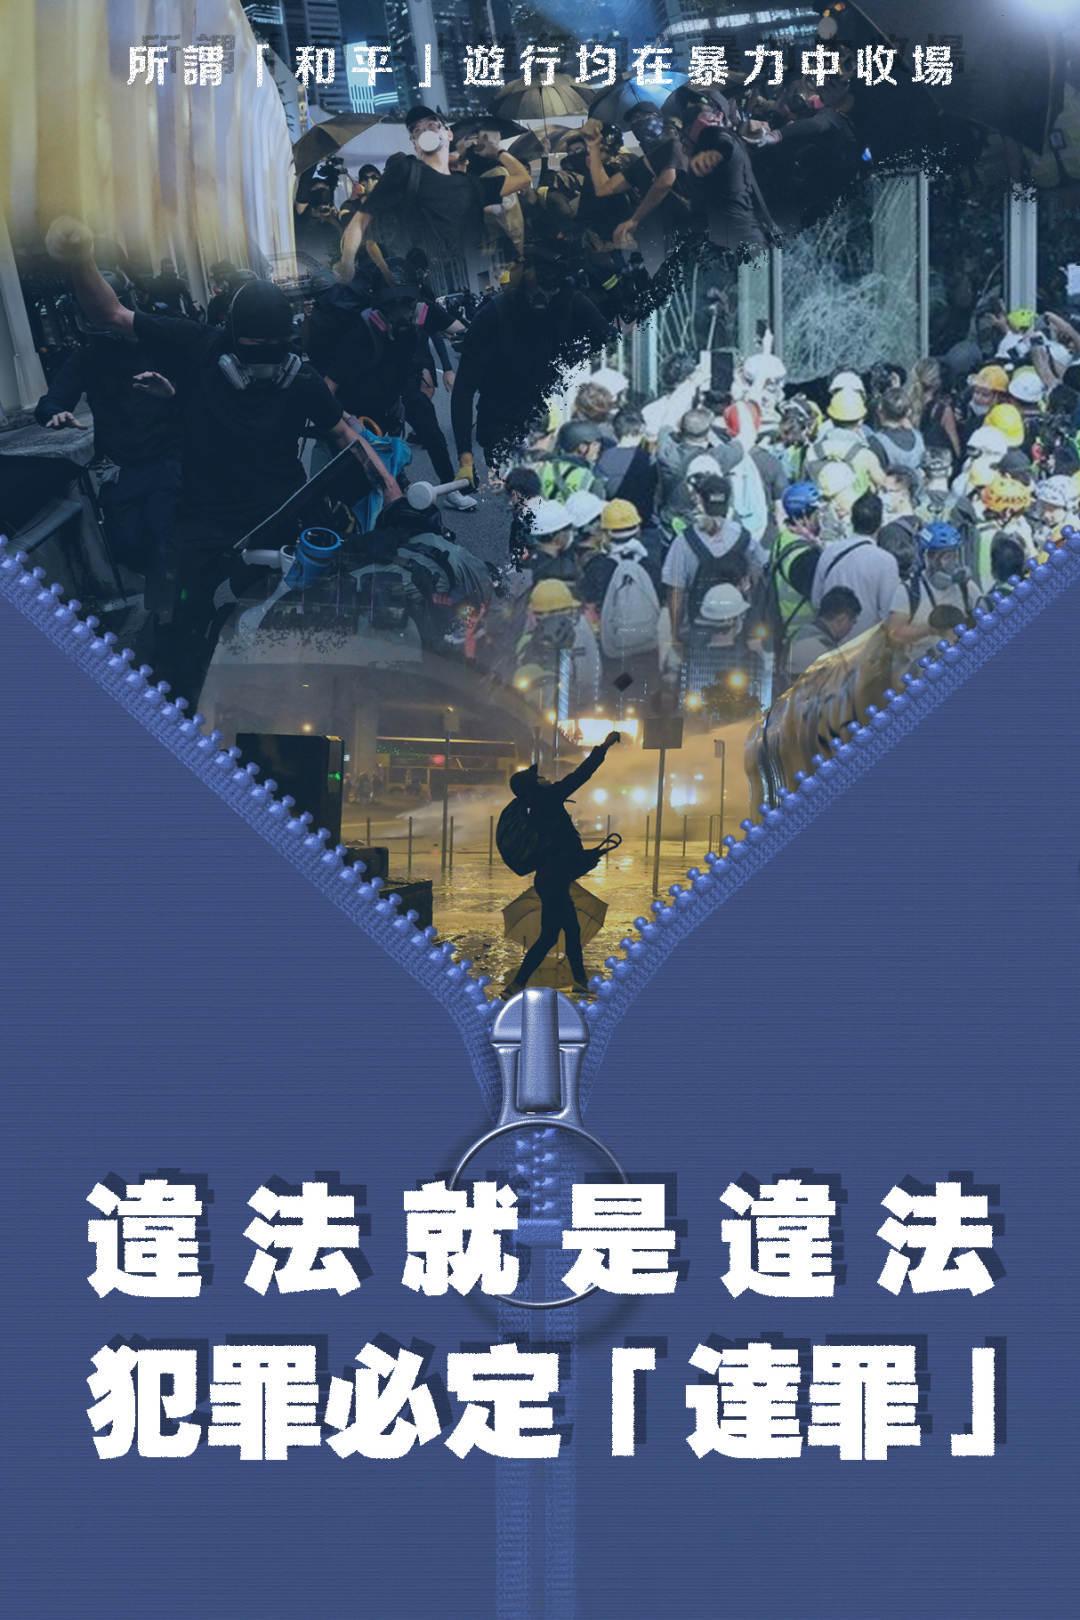 """人民锐评:香港是法治社会!违法就是违法,犯罪必定""""达罪"""""""